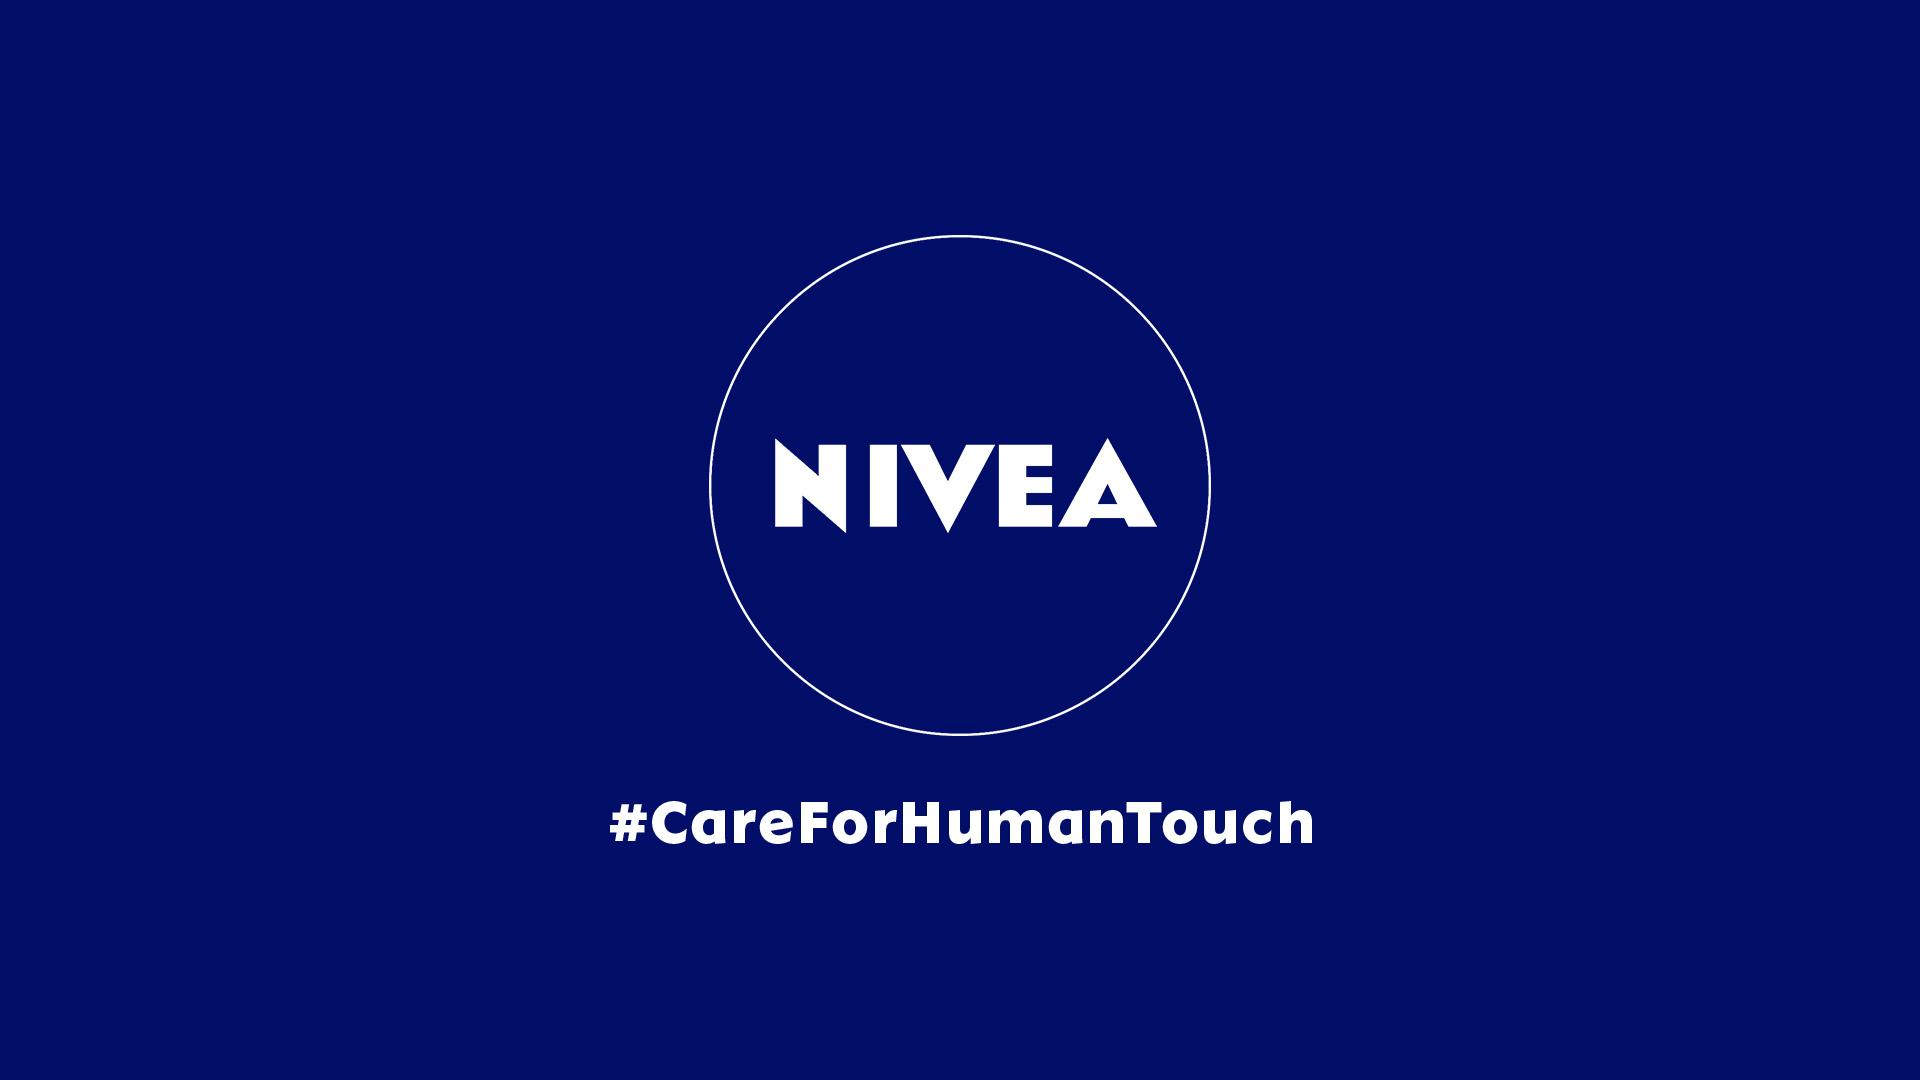 """""""Care For Human Touch: грижа за близост между хората"""" е новата кампания на NIVEA, разкриваща ползите от човешкото докосване 27"""